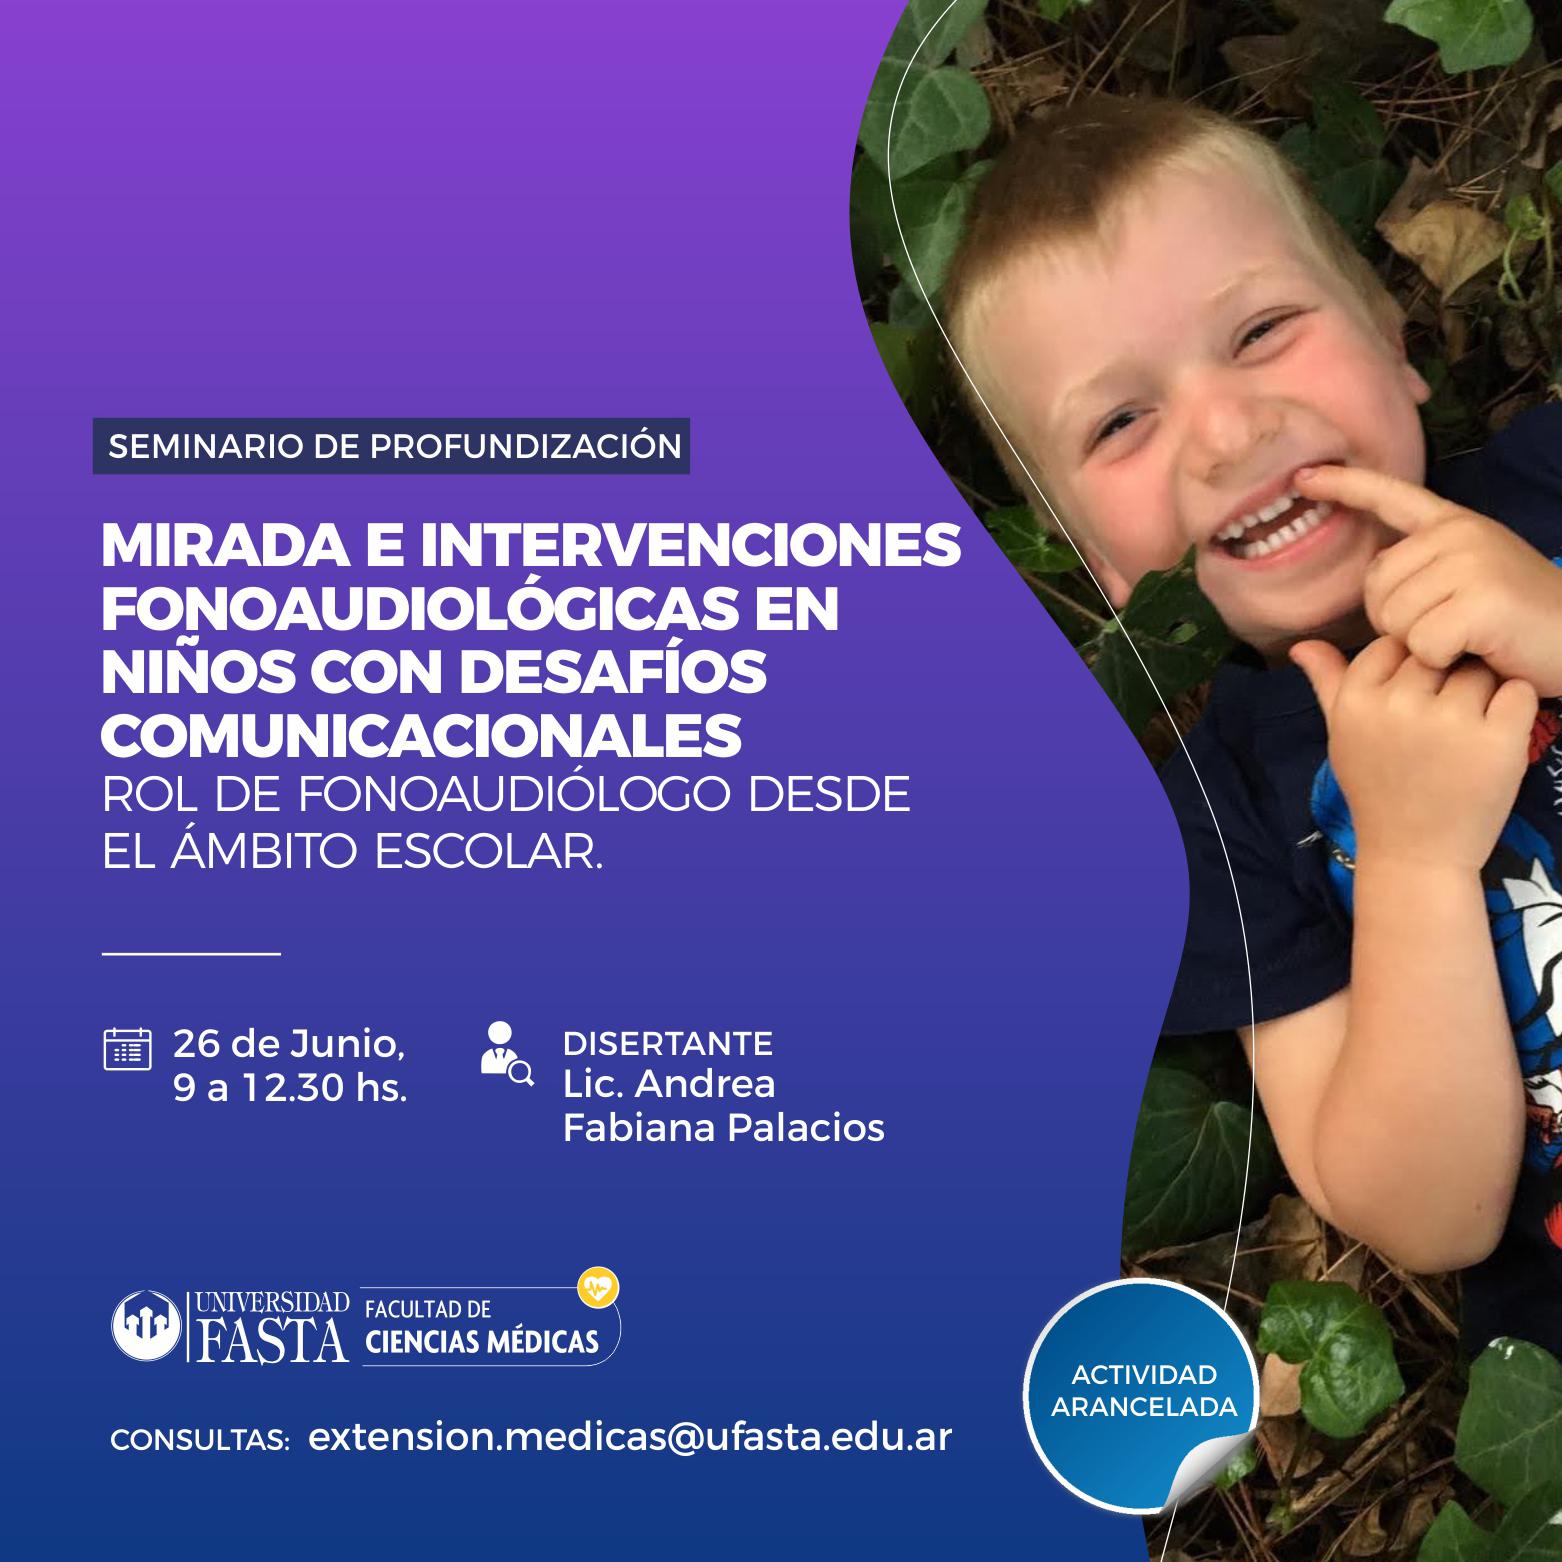 """Seminario de Profundización""""Mirada e intervenciones fonoaudiológicas en niños con desafíos comunicacionales. Rol de fonoaudiólogo desde el ámbito escolar""""."""